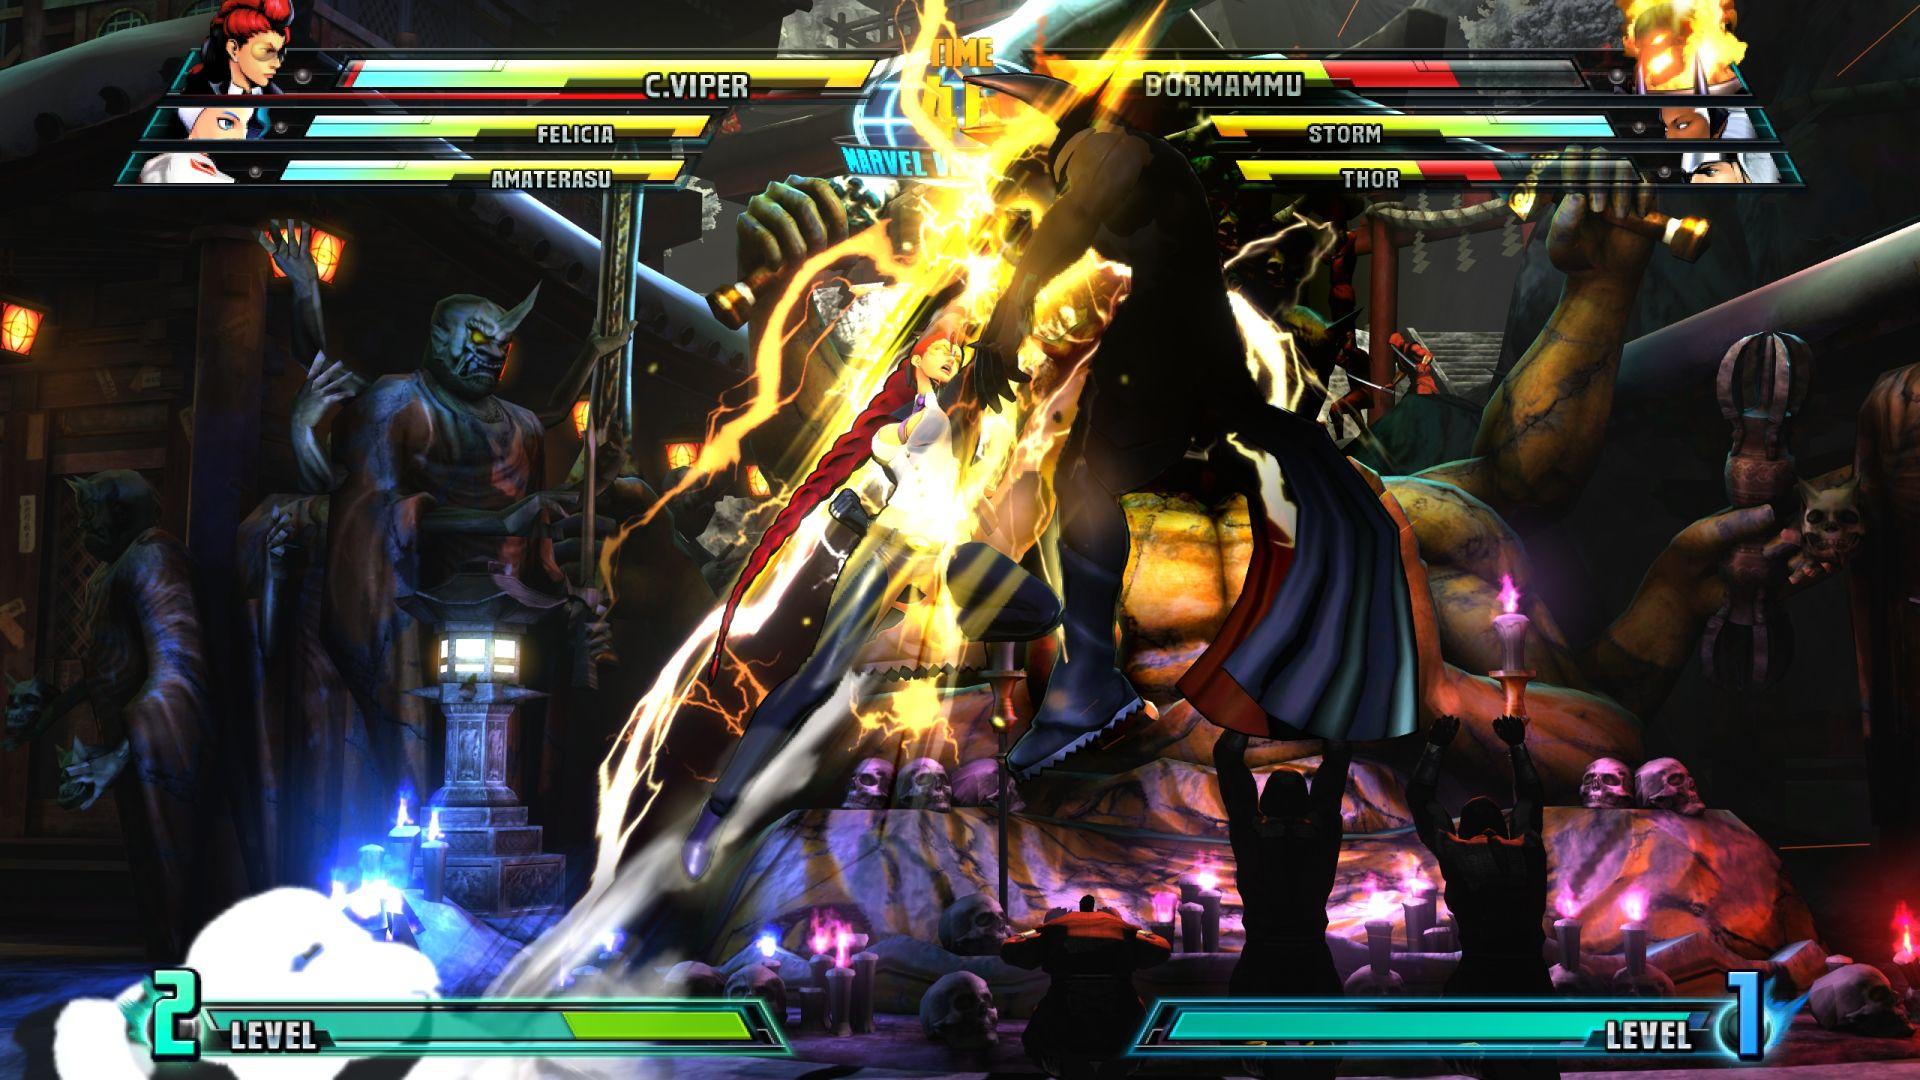 C. Viper a Storm v bojovce Marvel vs. Capcom 3 26841